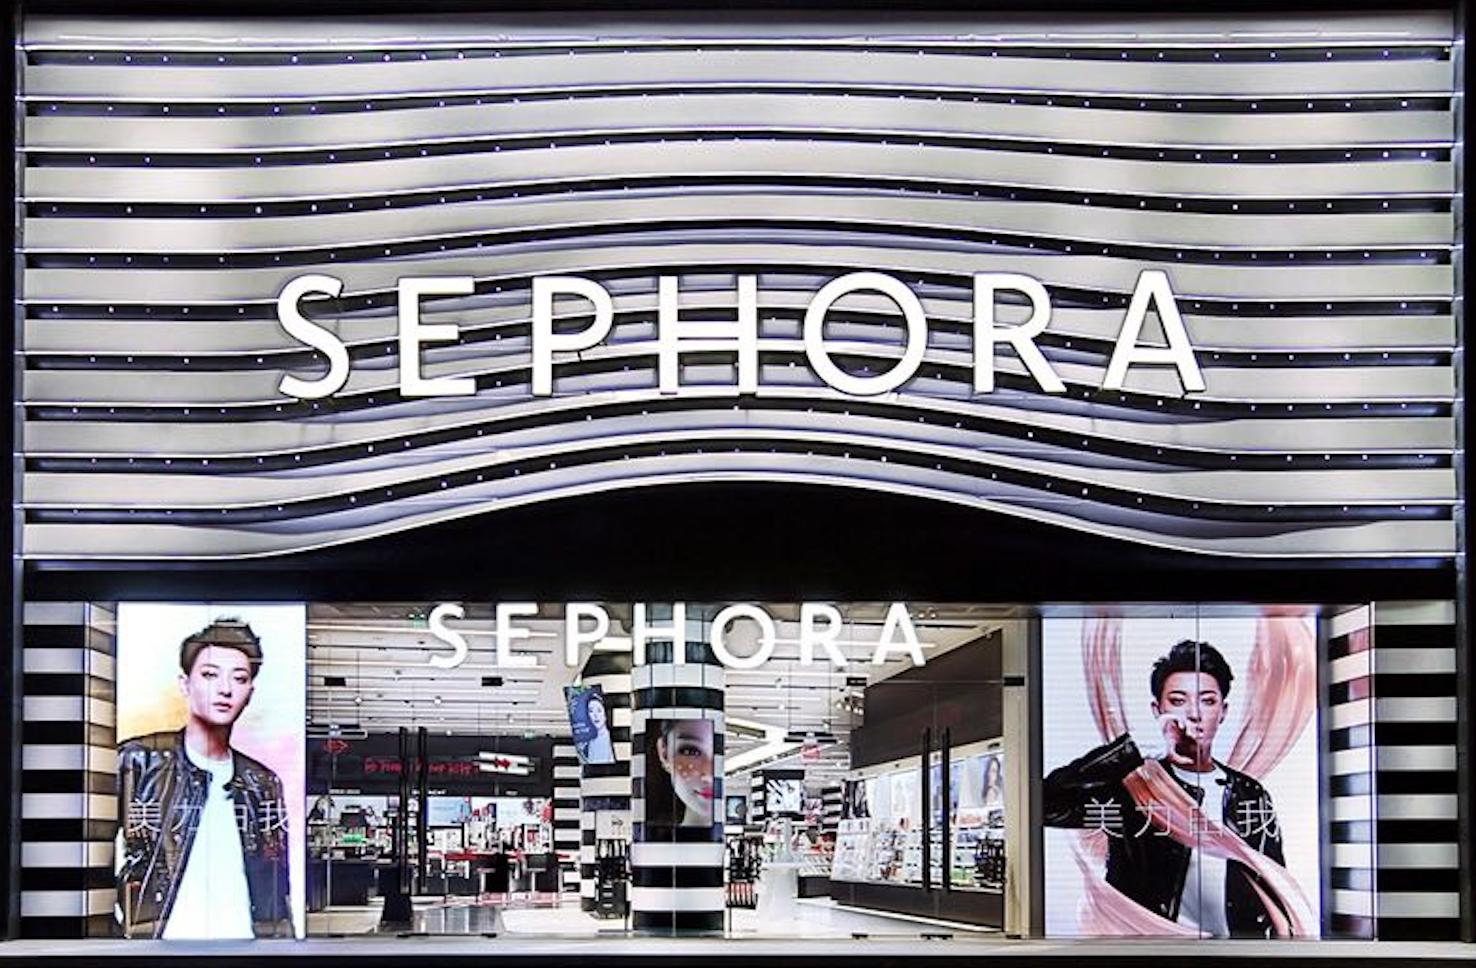 智能化、沉浸式、全品类,丝芙兰亚洲首家概念店落户上海,它会成为美妆零售的新未来吗?